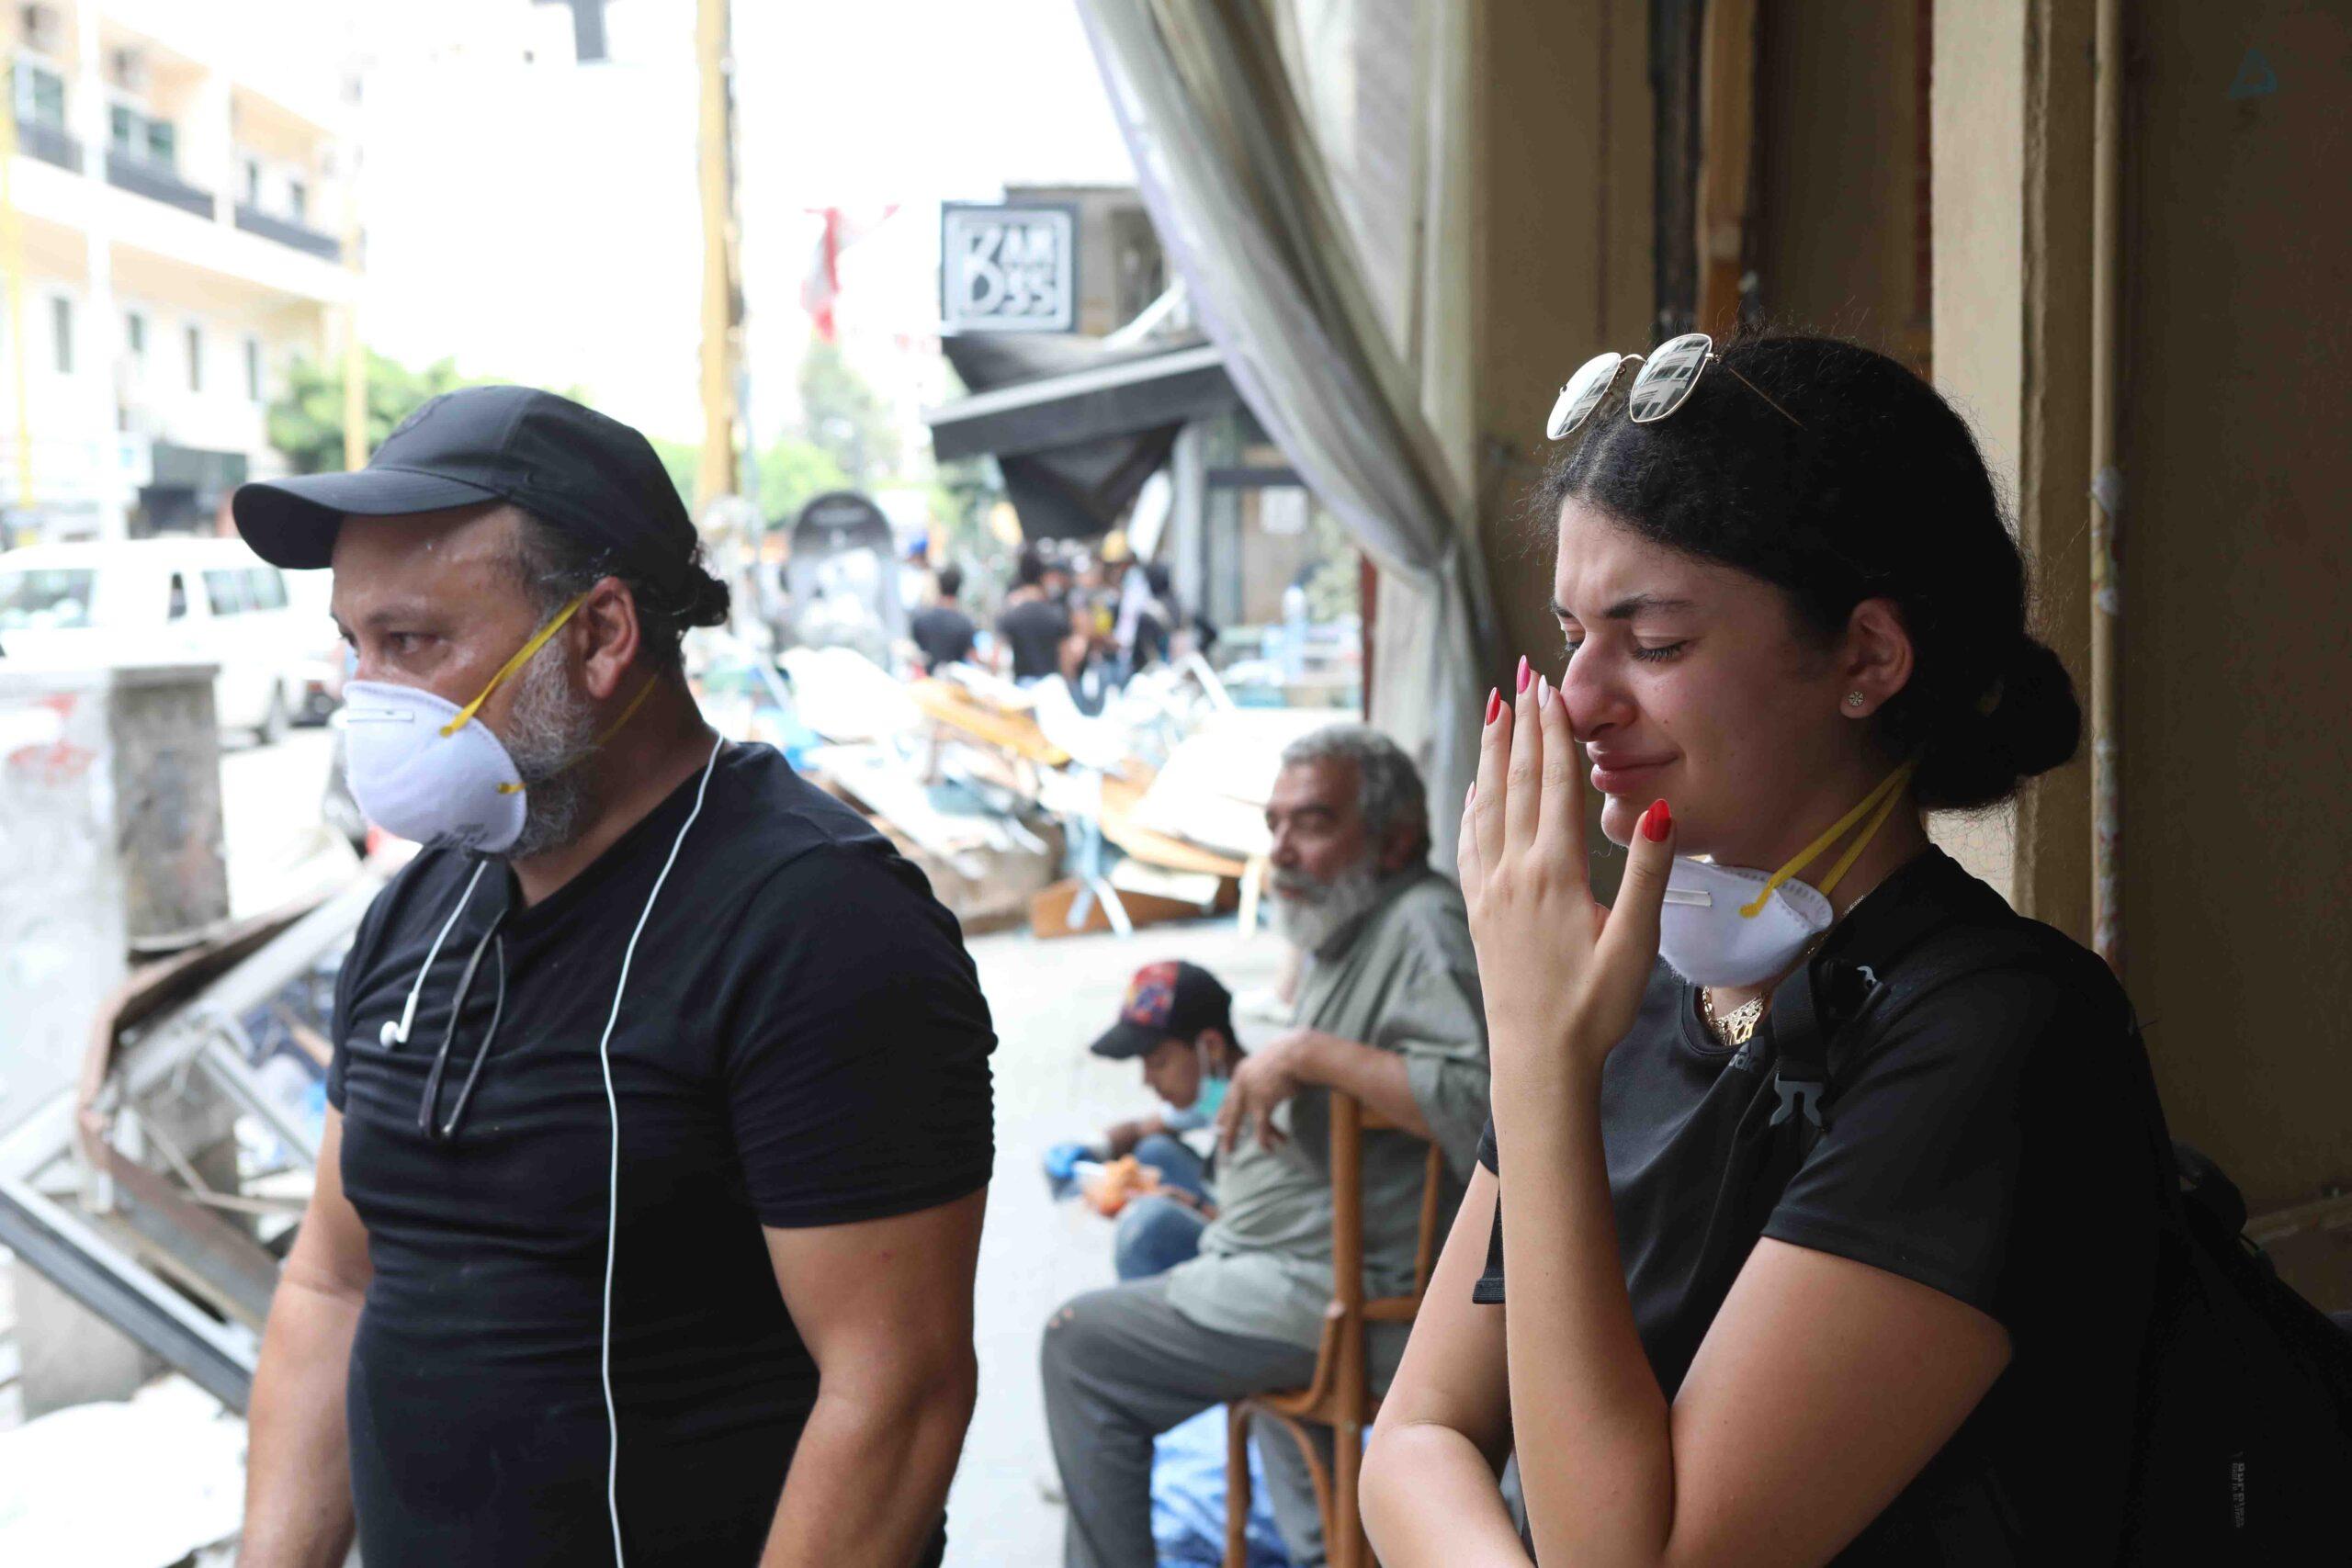 Un hombre con una máscara y una joven llorando con gafas de sol en la cabeza y una máscara alrededor del cuello observan calles y edificios destrozados en Beirut.